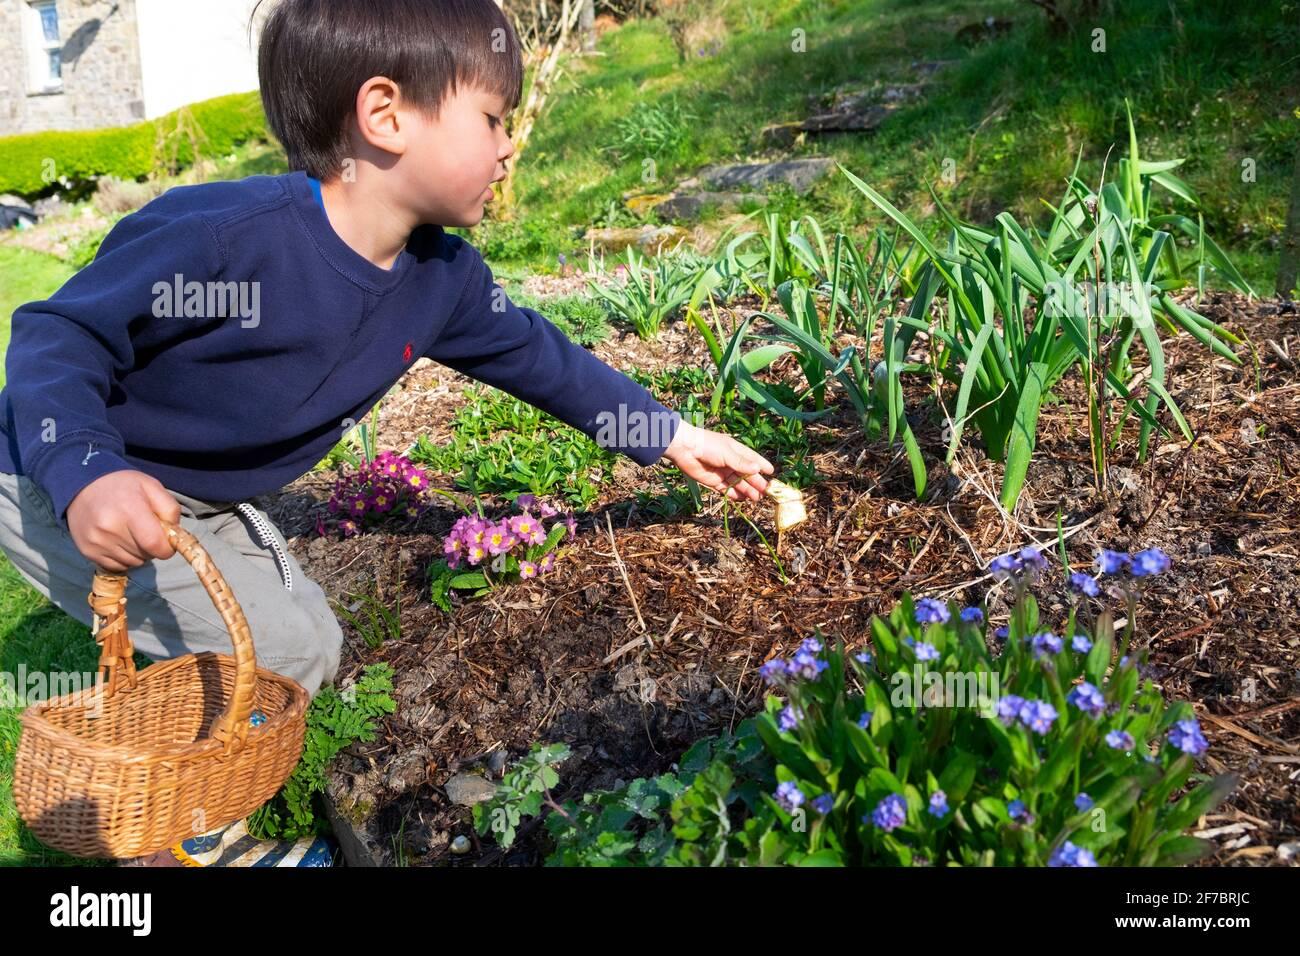 Niño niño de 4 años sosteniendo cesta alcanzando para conejo de chocolate En el jardín de flores en la caza de huevos de Pascua Carmarthenshire Gales Reino Unido Gran Bretaña KATHY DEWITT Foto de stock